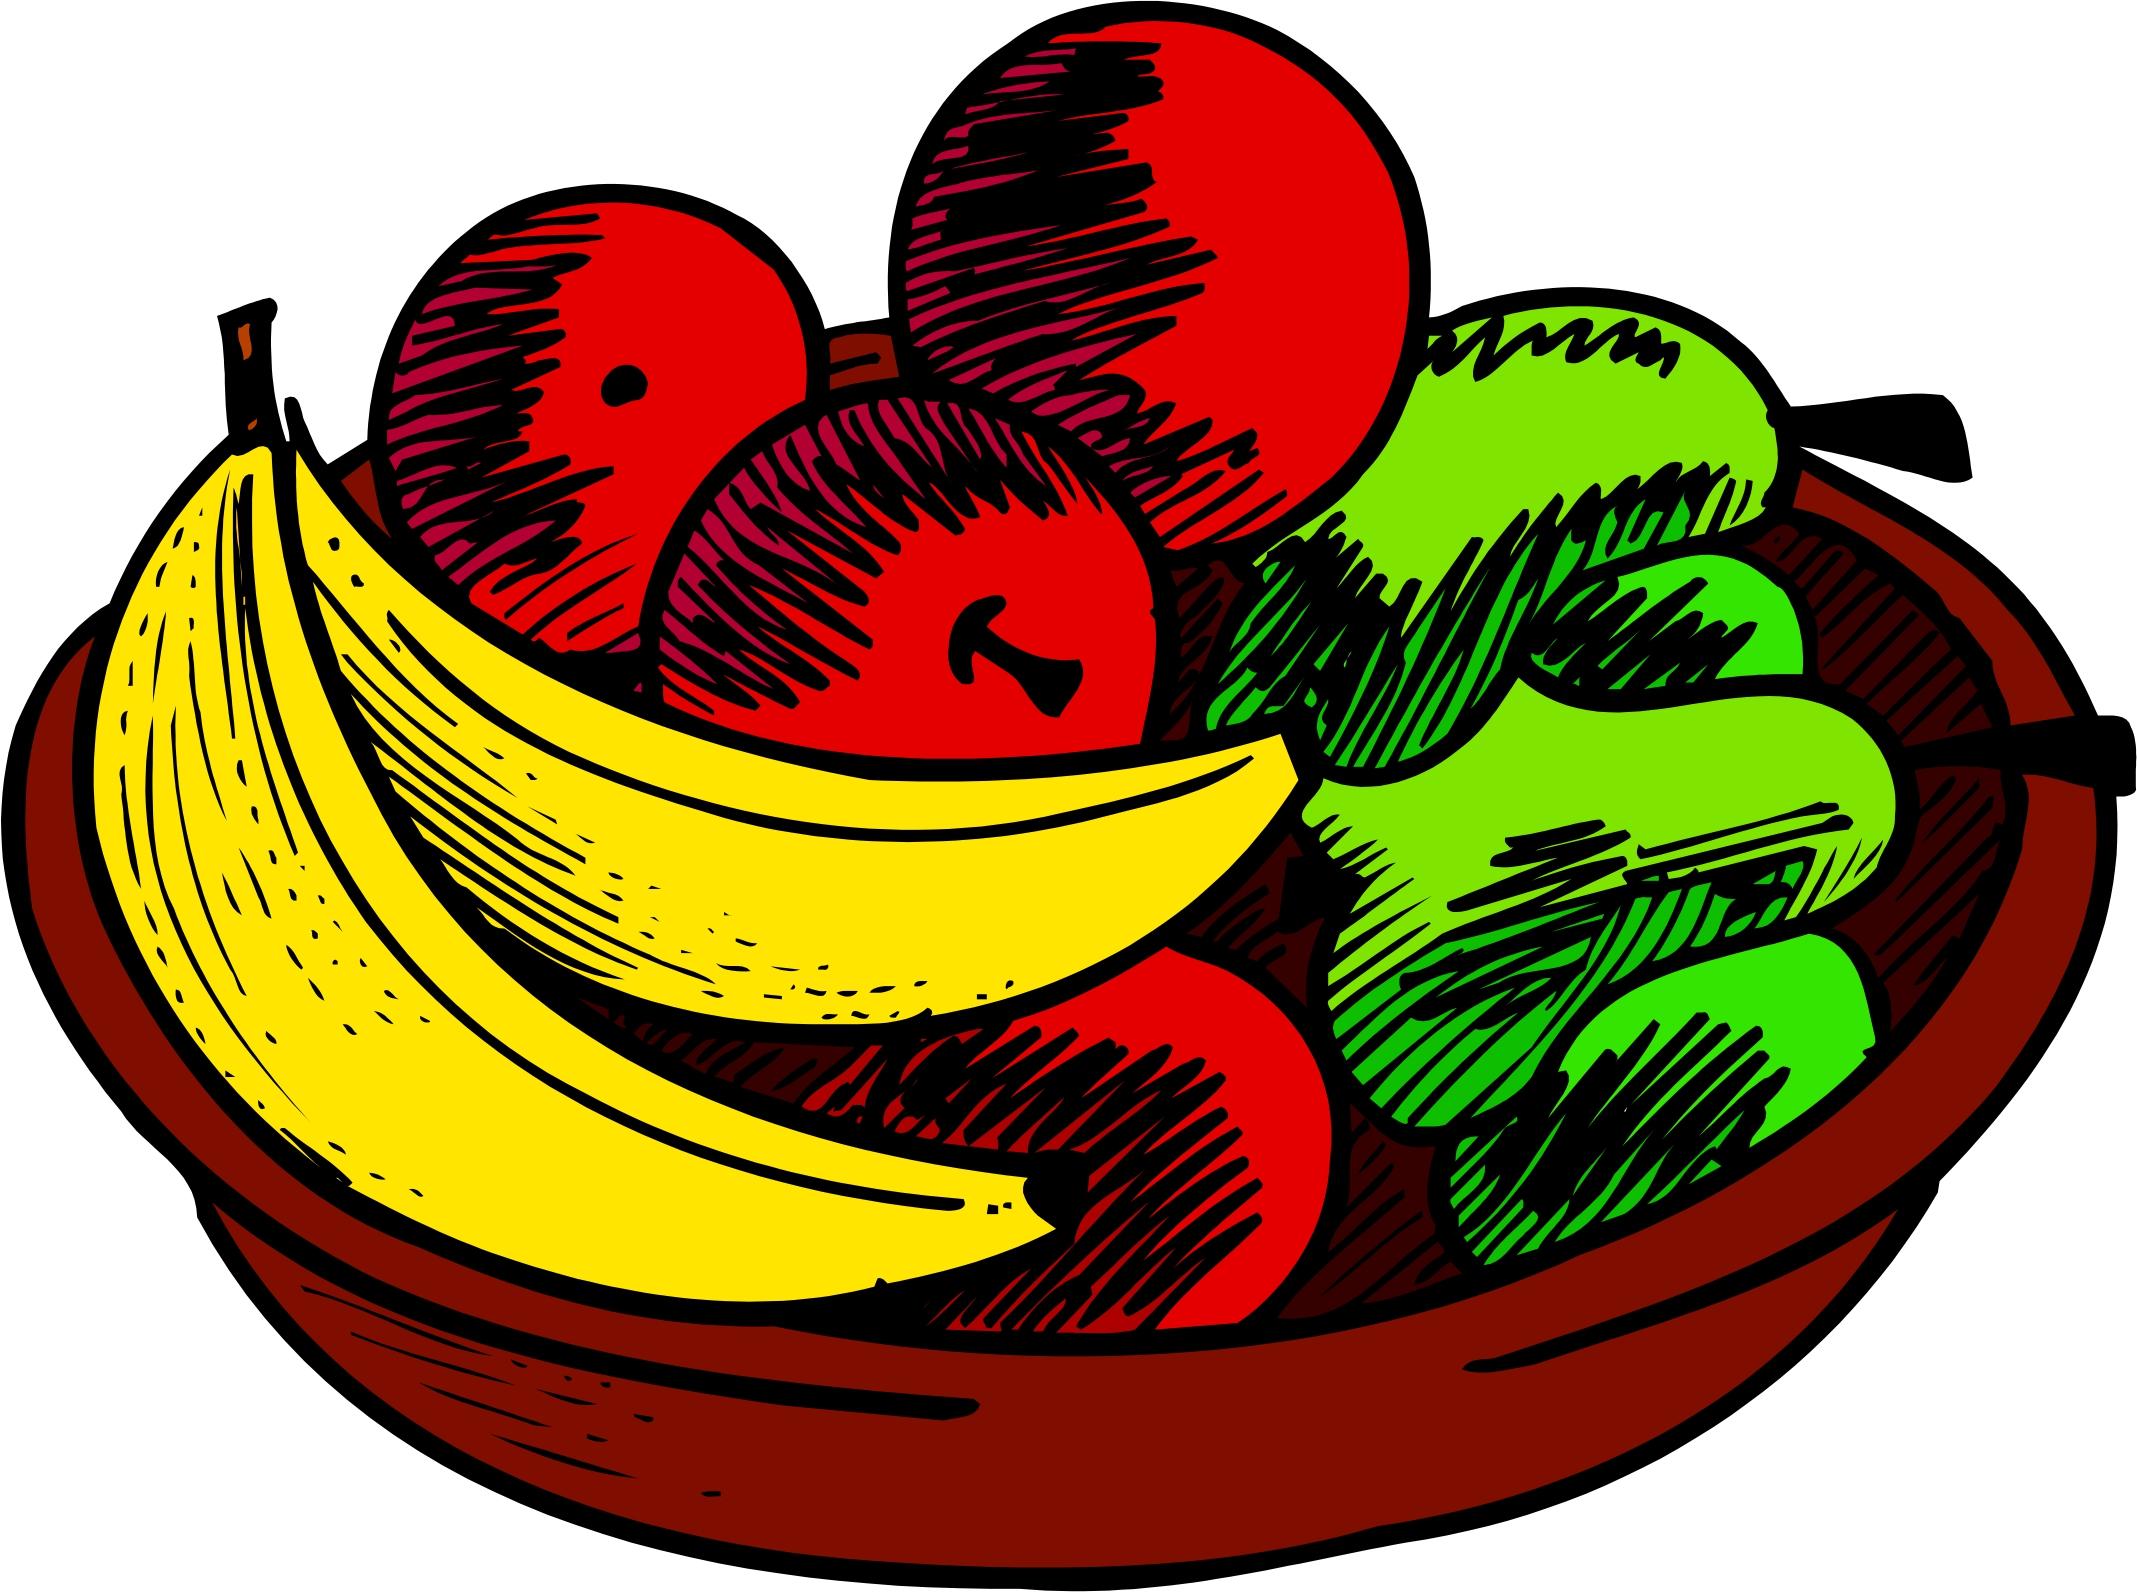 Fruit Bowl Clip Art Images .-Fruit Bowl Clip Art Images .-14